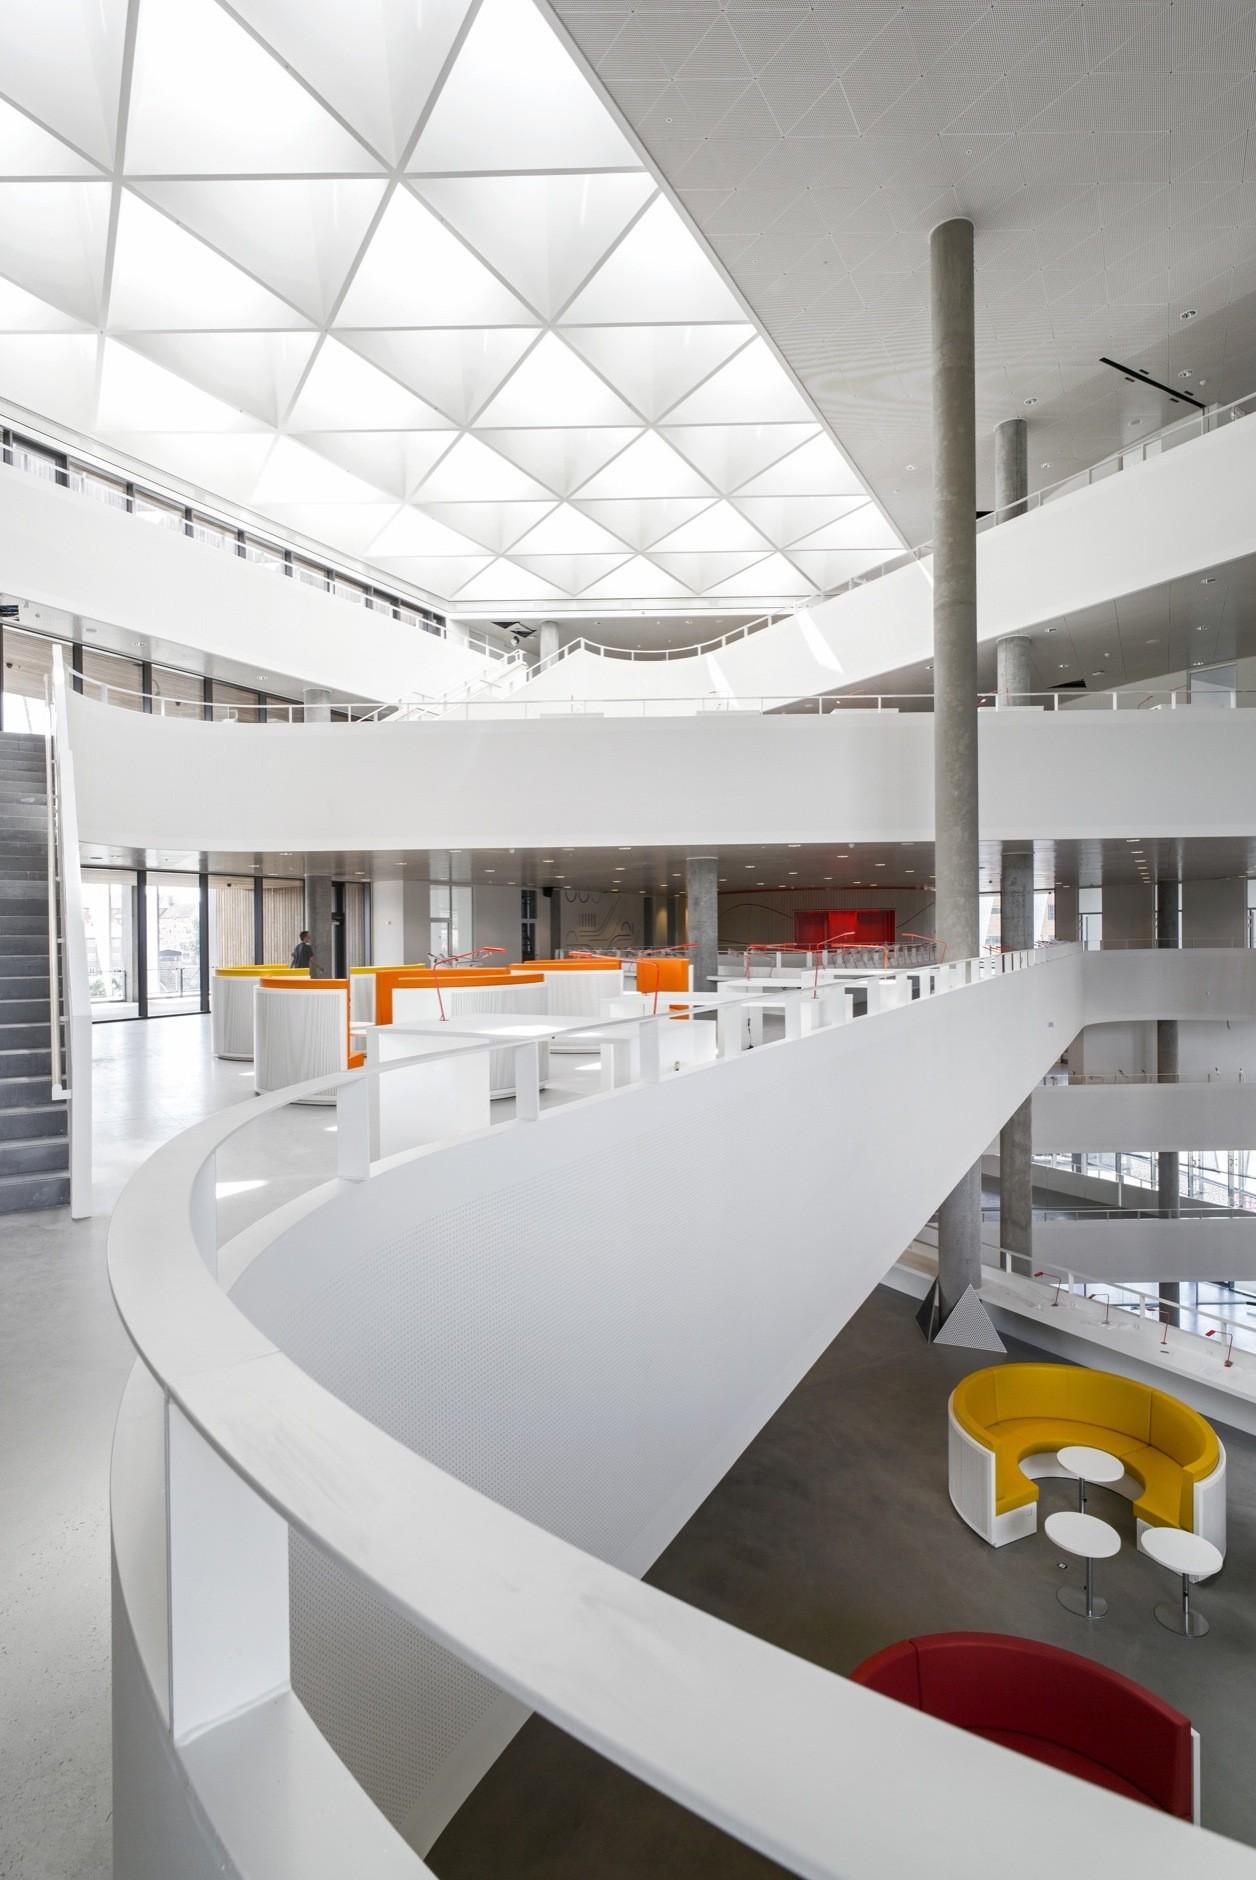 SDU_Campus_Kolding15.jpg